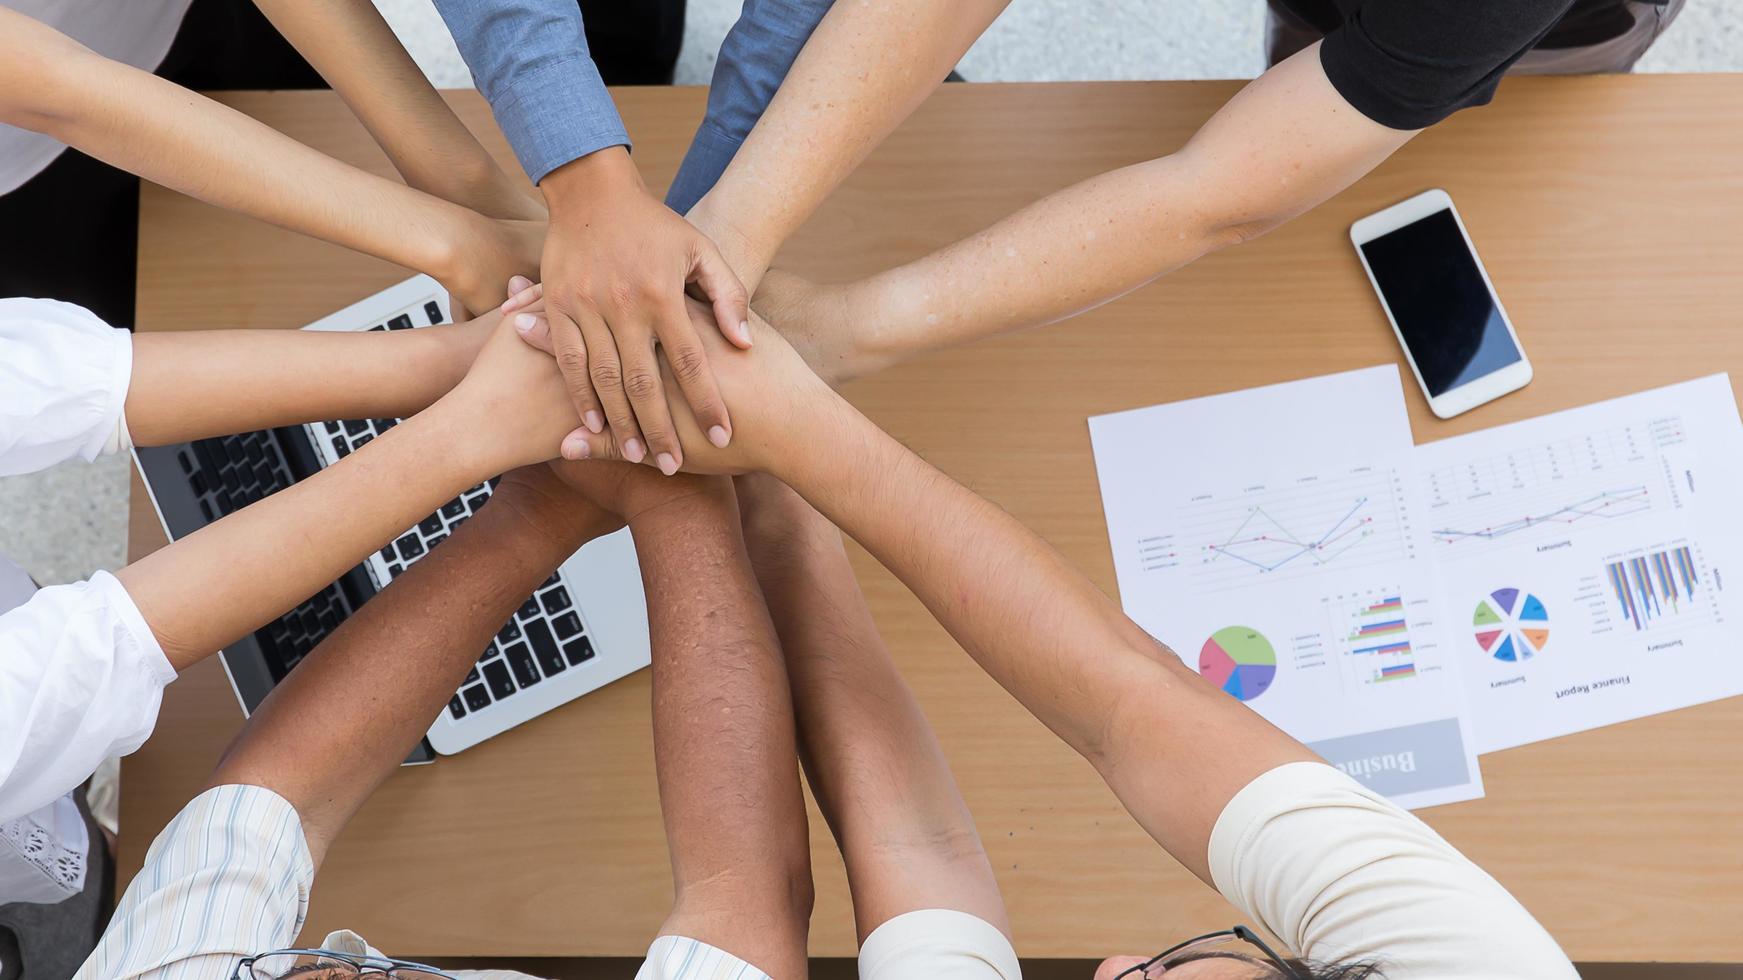 groupe de personnes dans un concept de collaboration photo